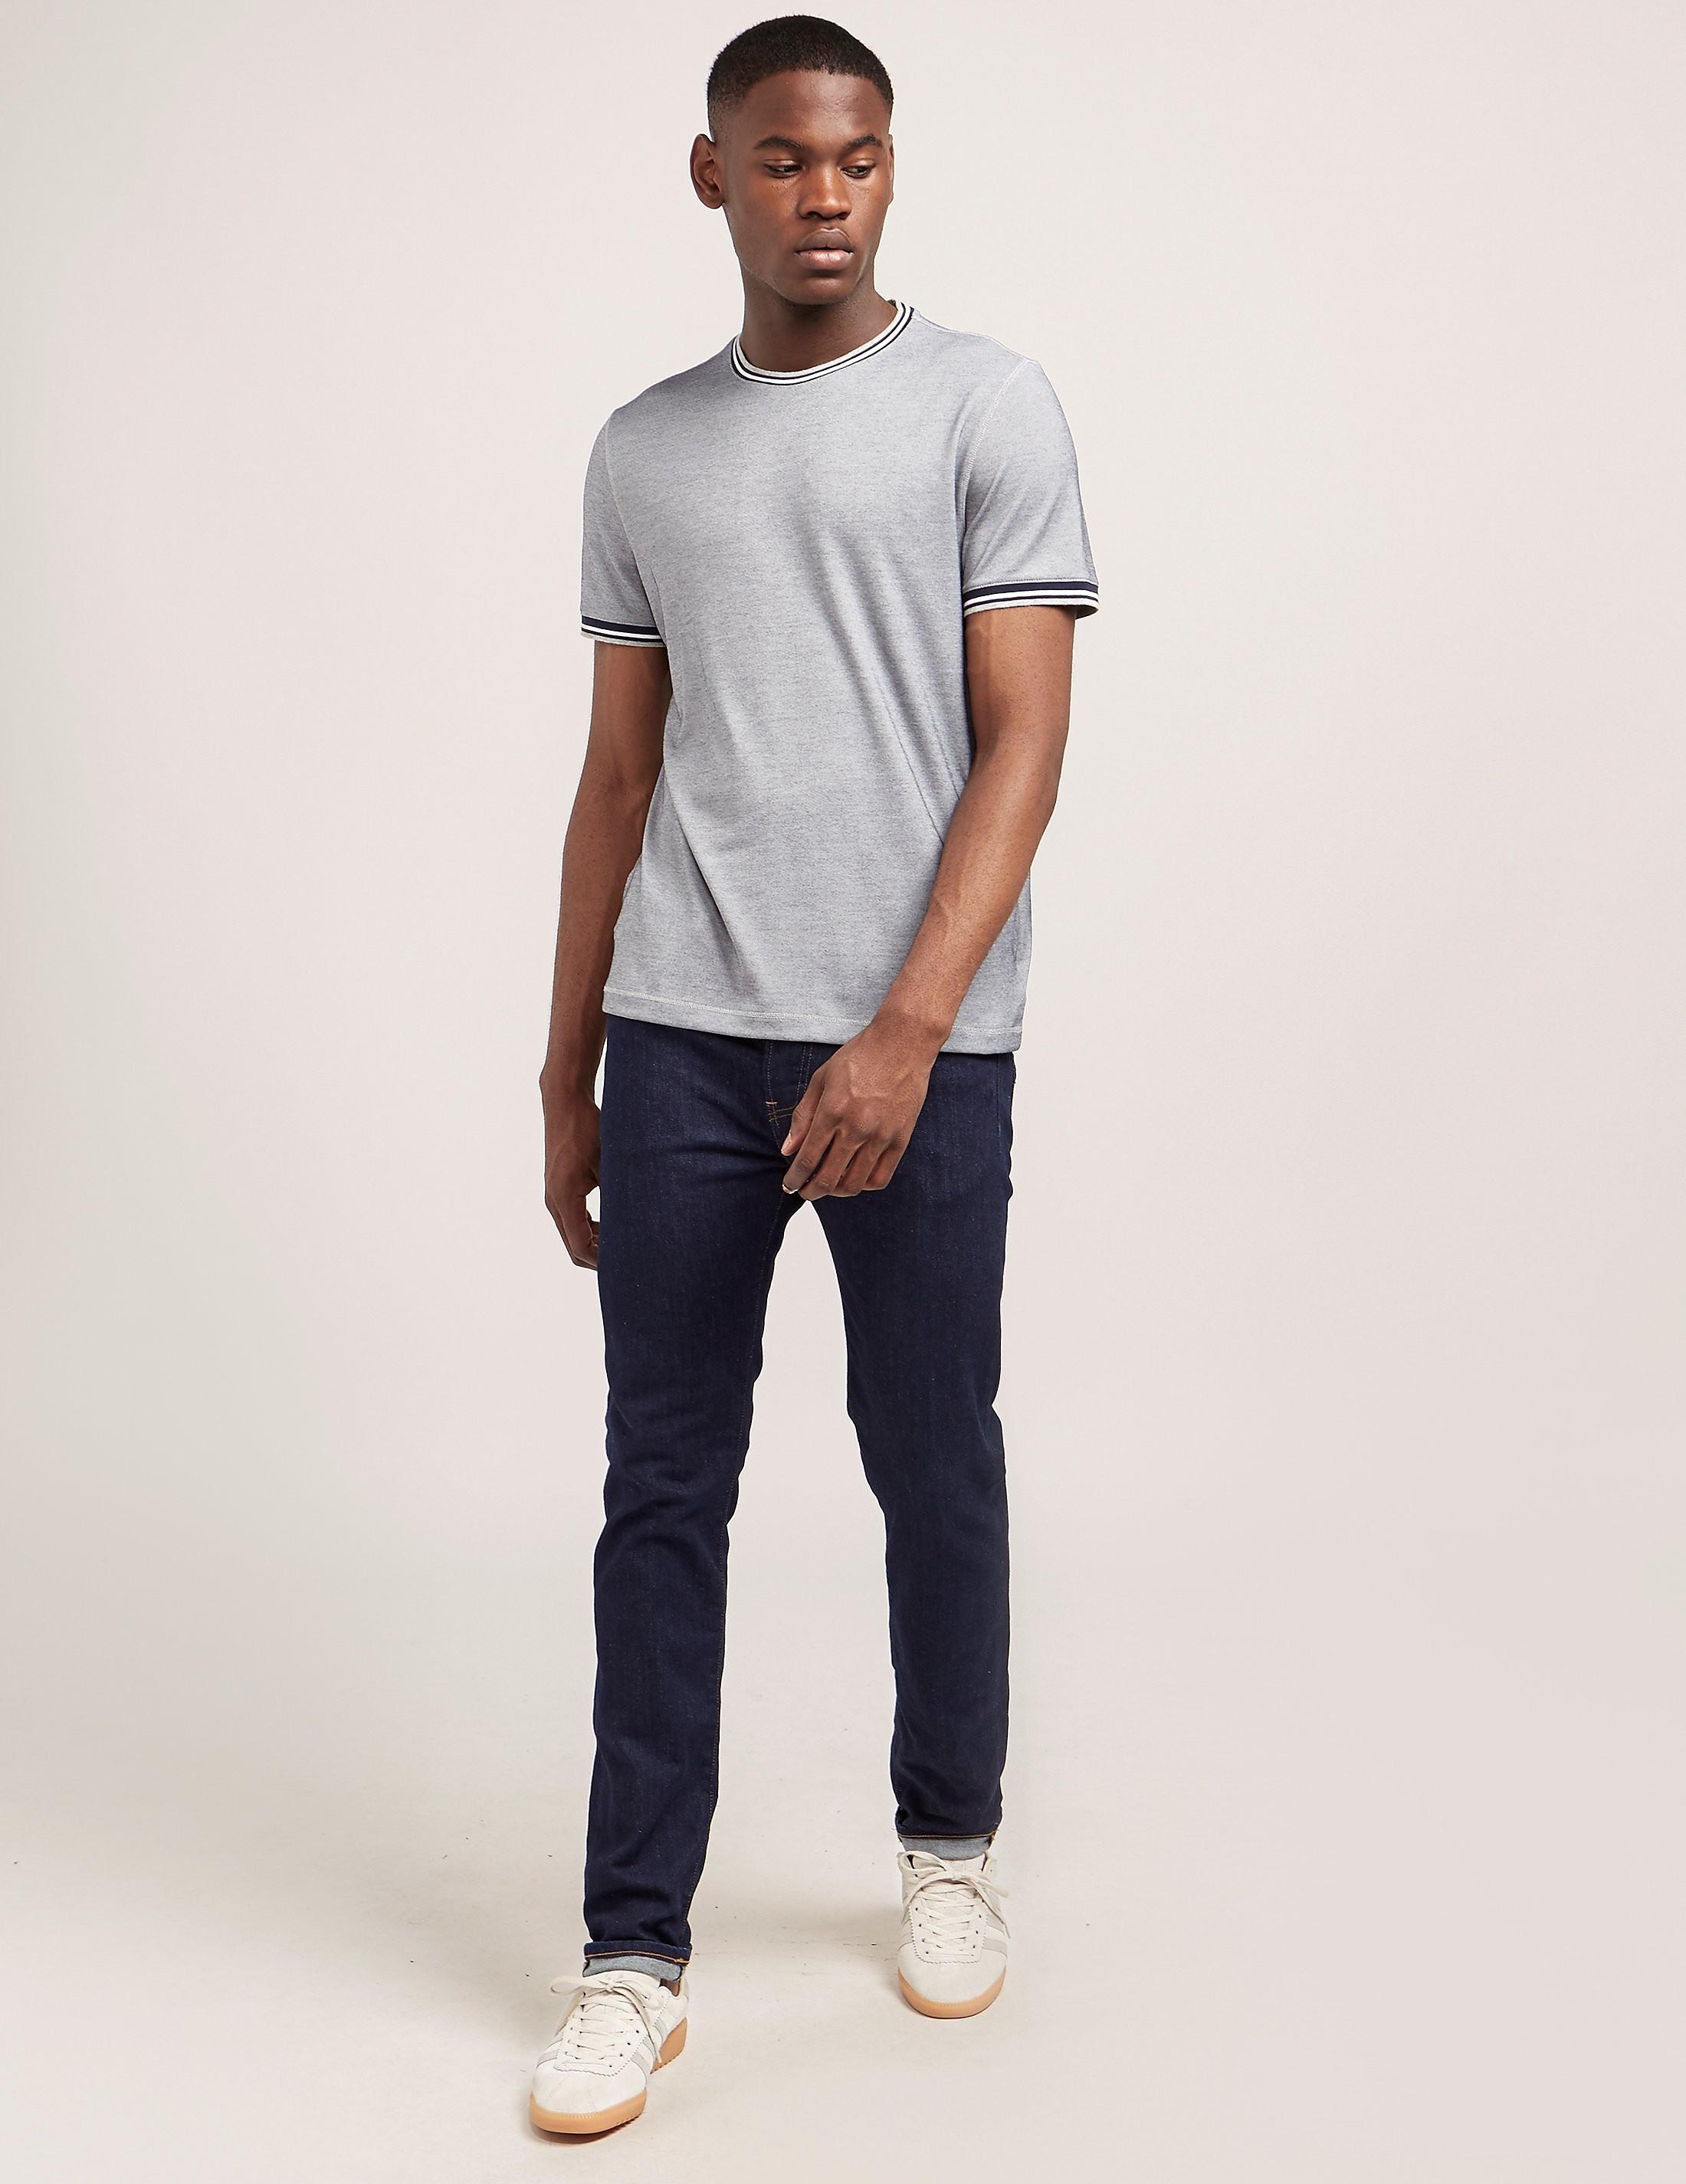 Michael Kors Tipped Short Sleeve T-Shirt